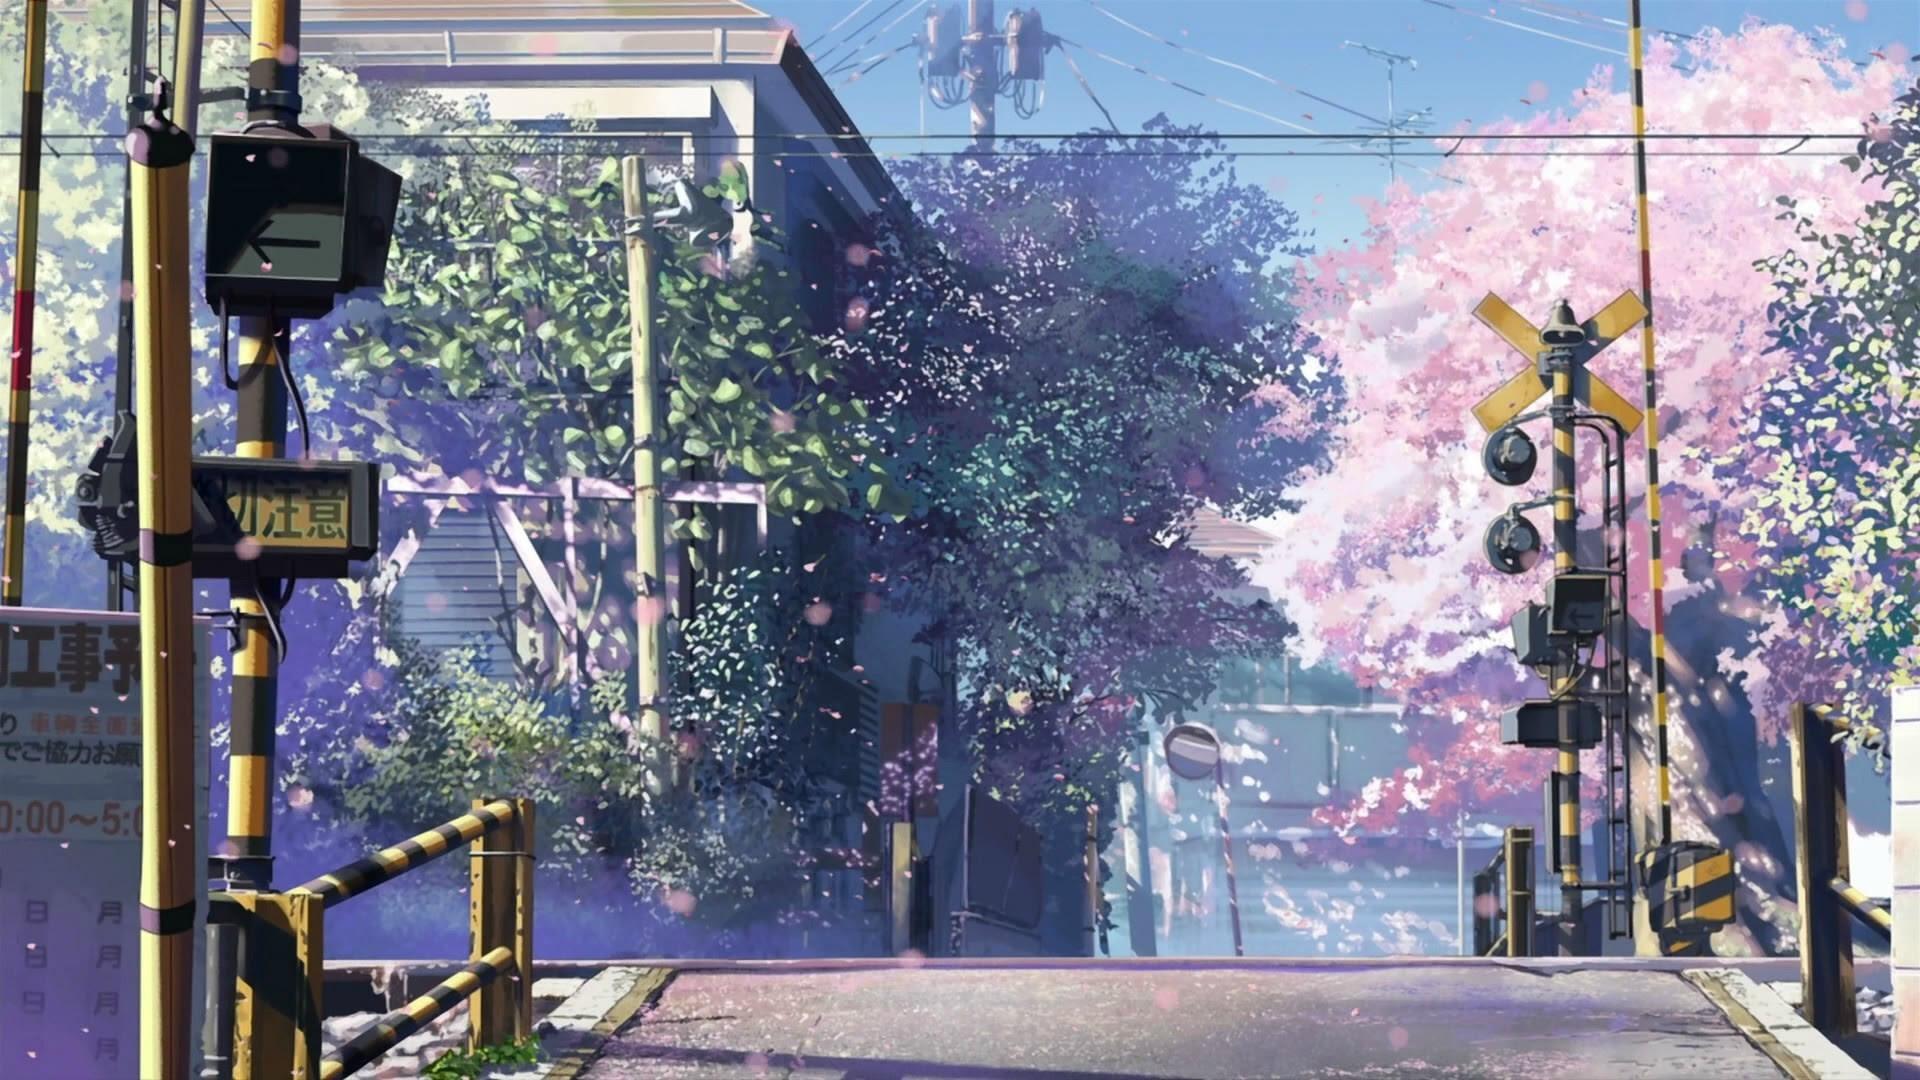 Unduh 9400 Koleksi Background Anime Jalan Hd Paling Keren